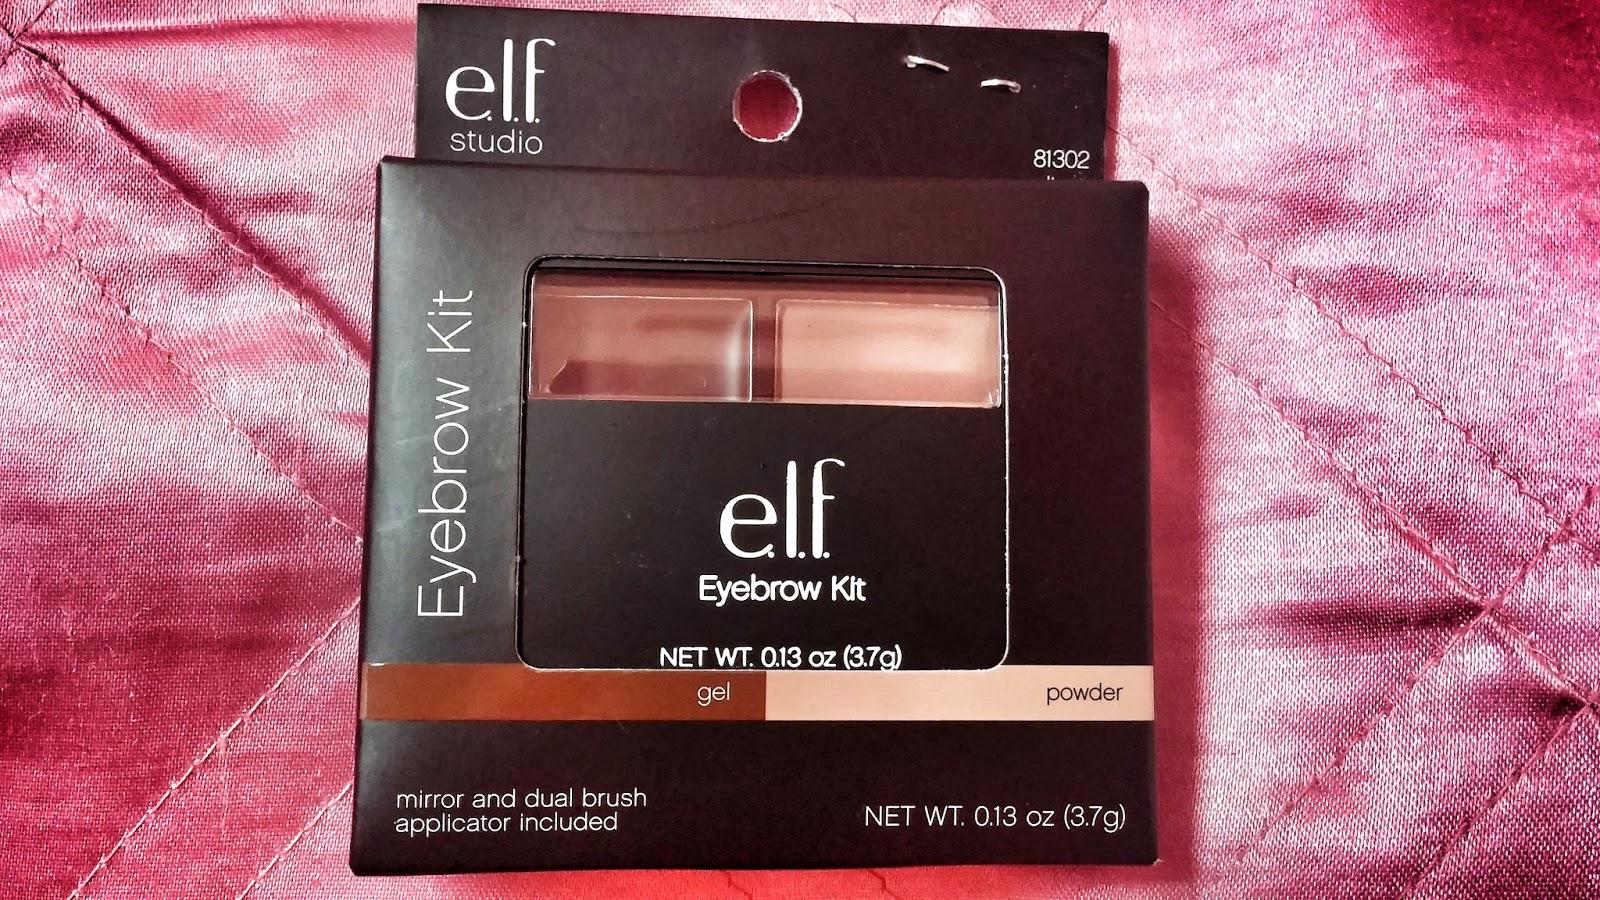 Souie Boo Says Elf Eyebrow Kit